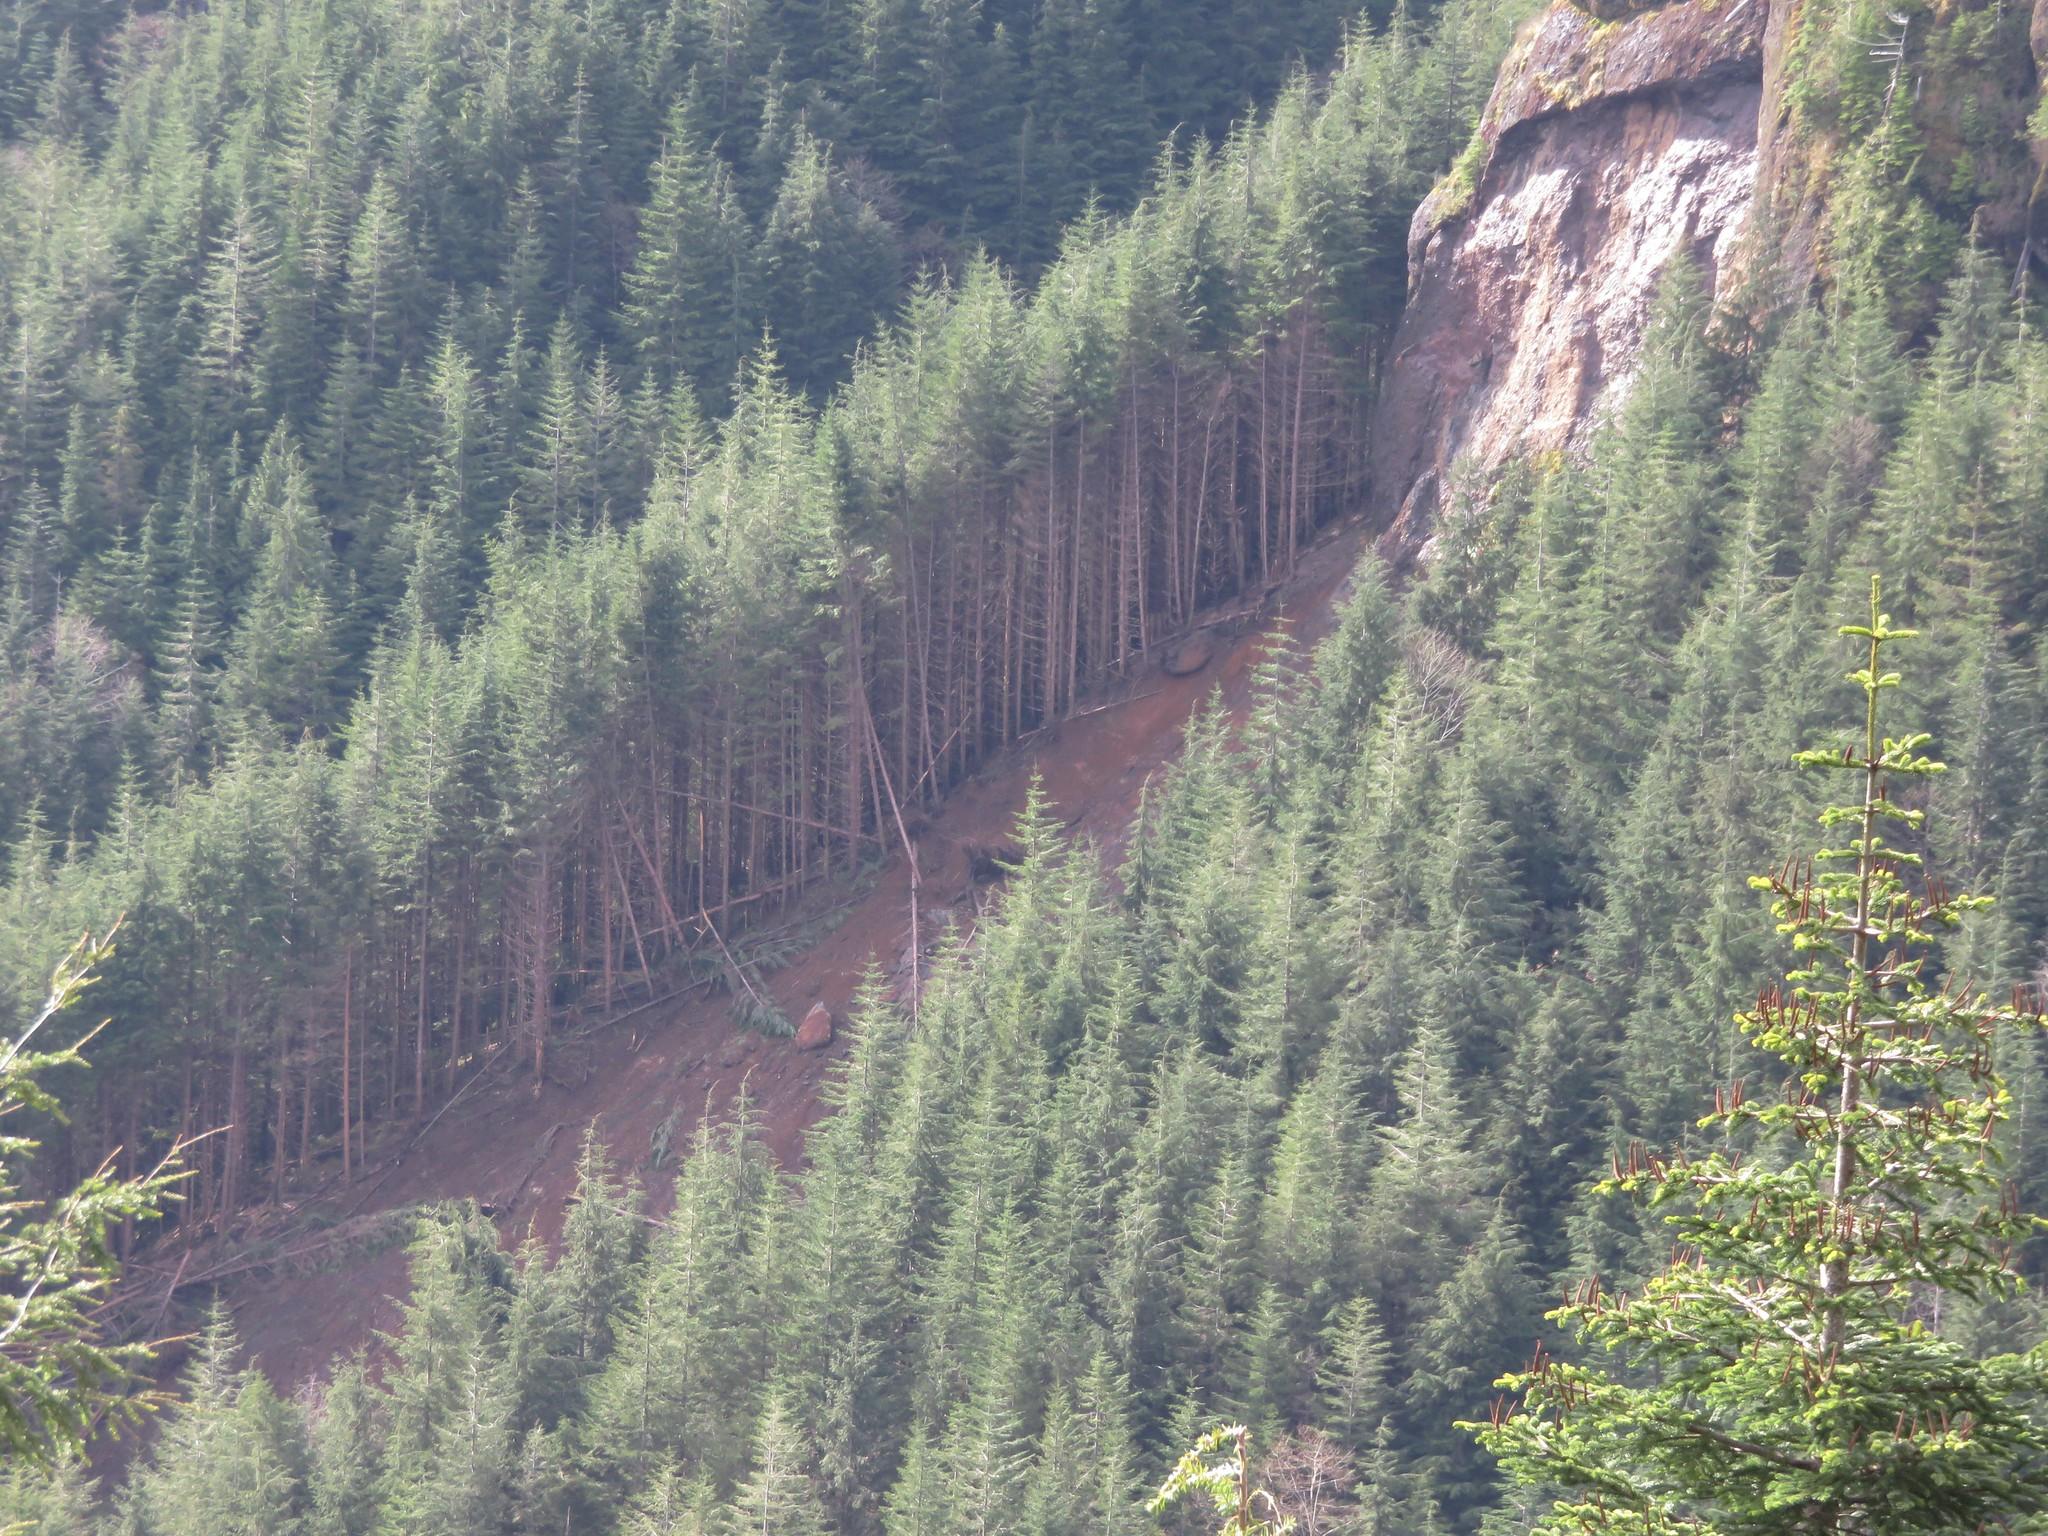 Slide below Little Angora